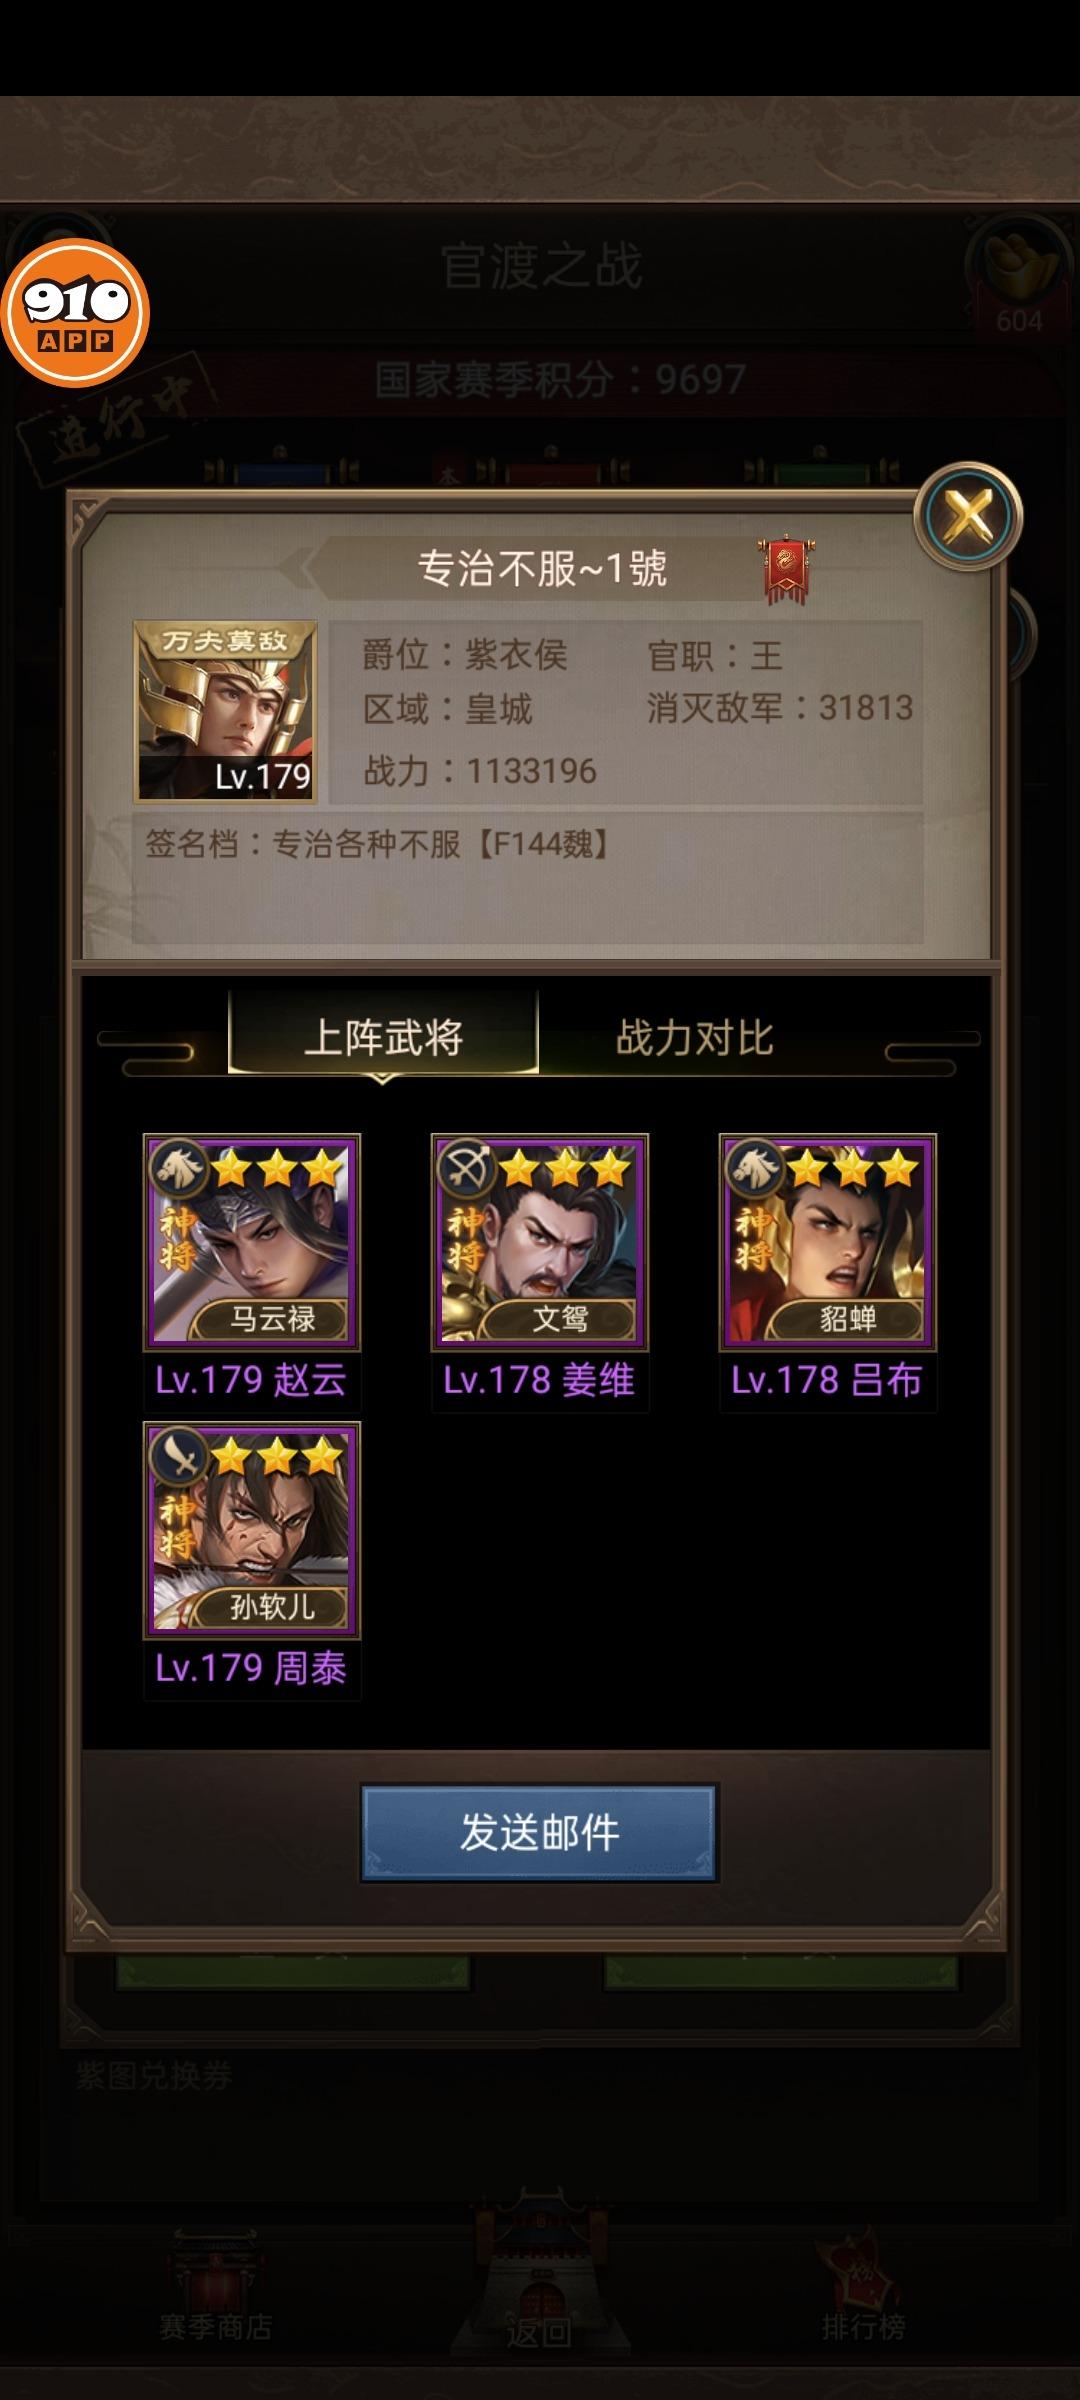 Screenshot_2020-05-28-16-43-48-25_2ca782289a69d98352866d89dbc343a1.jpg